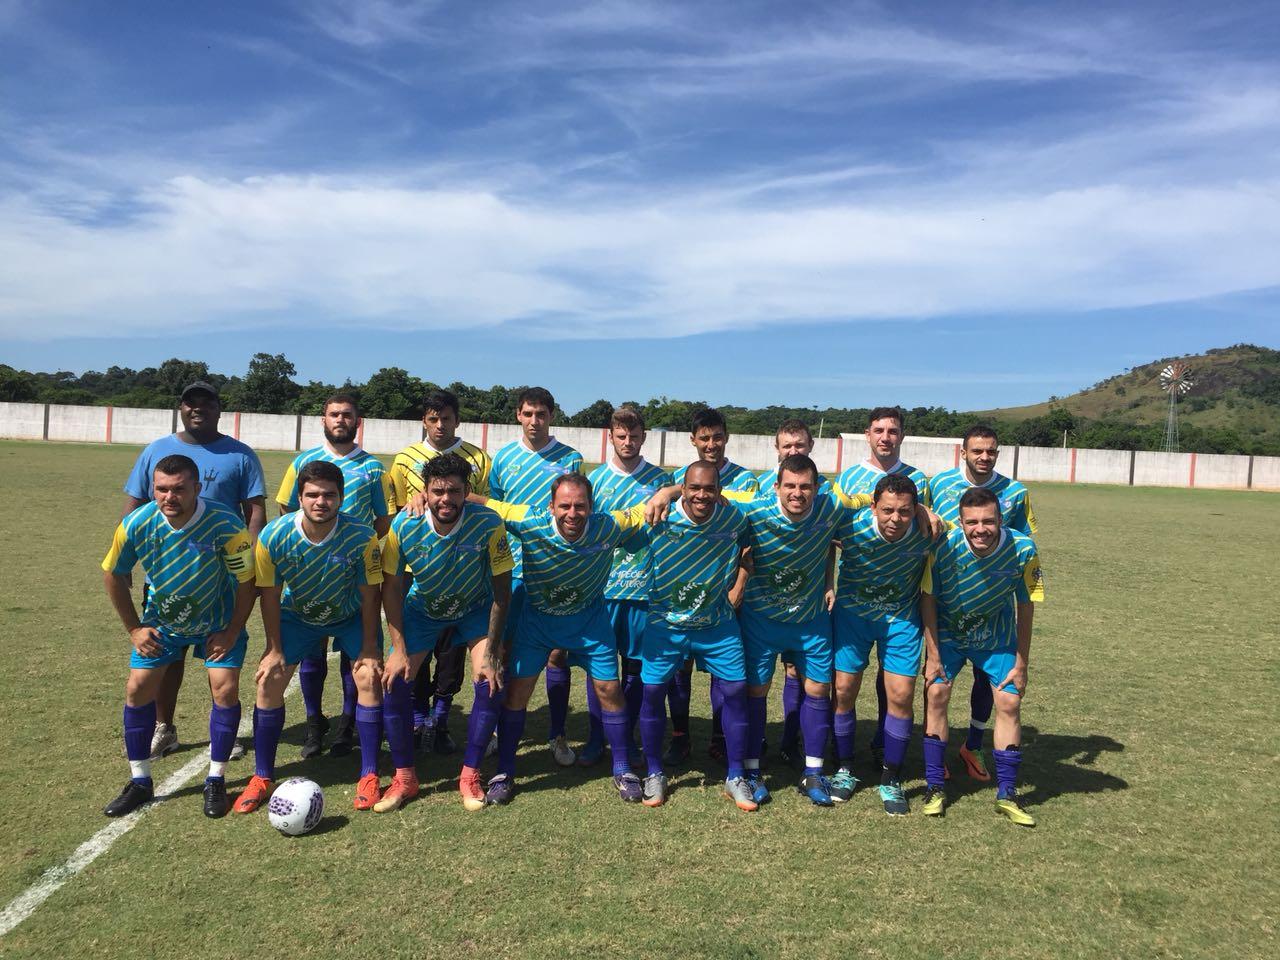 Iconha volta a enfrentar o Guarapari, neste domingo, em um jogo decisivo no Campeonato Rural de Futebol Amador